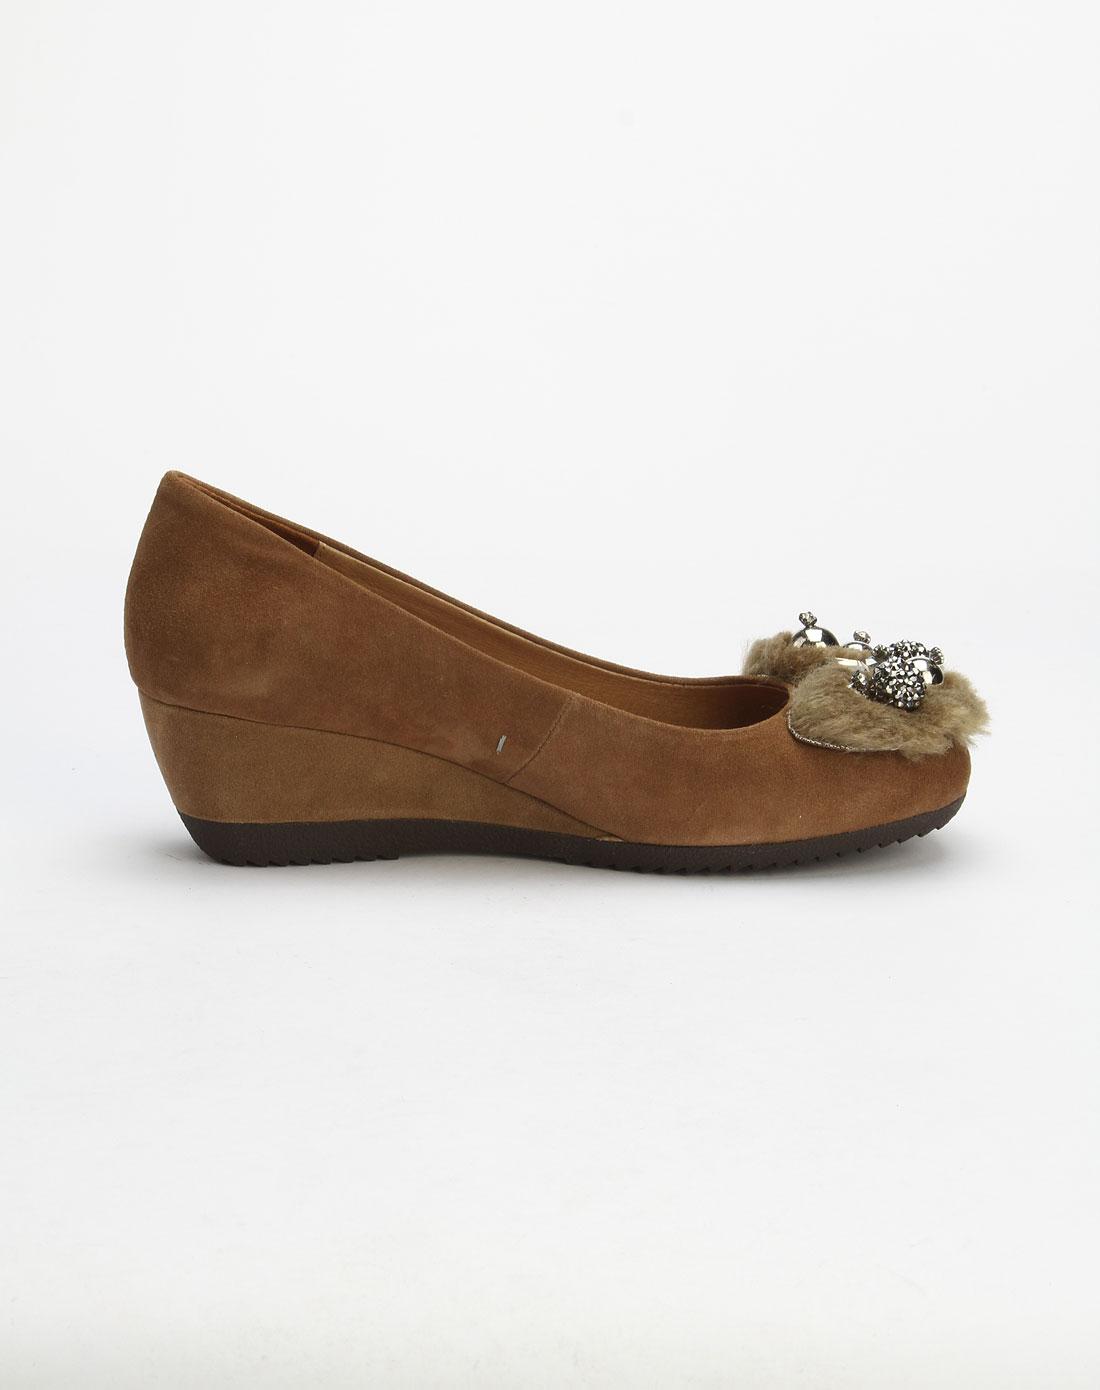 哈森旗下品牌女鞋卡文女款深杏色时尚坡跟单鞋cl